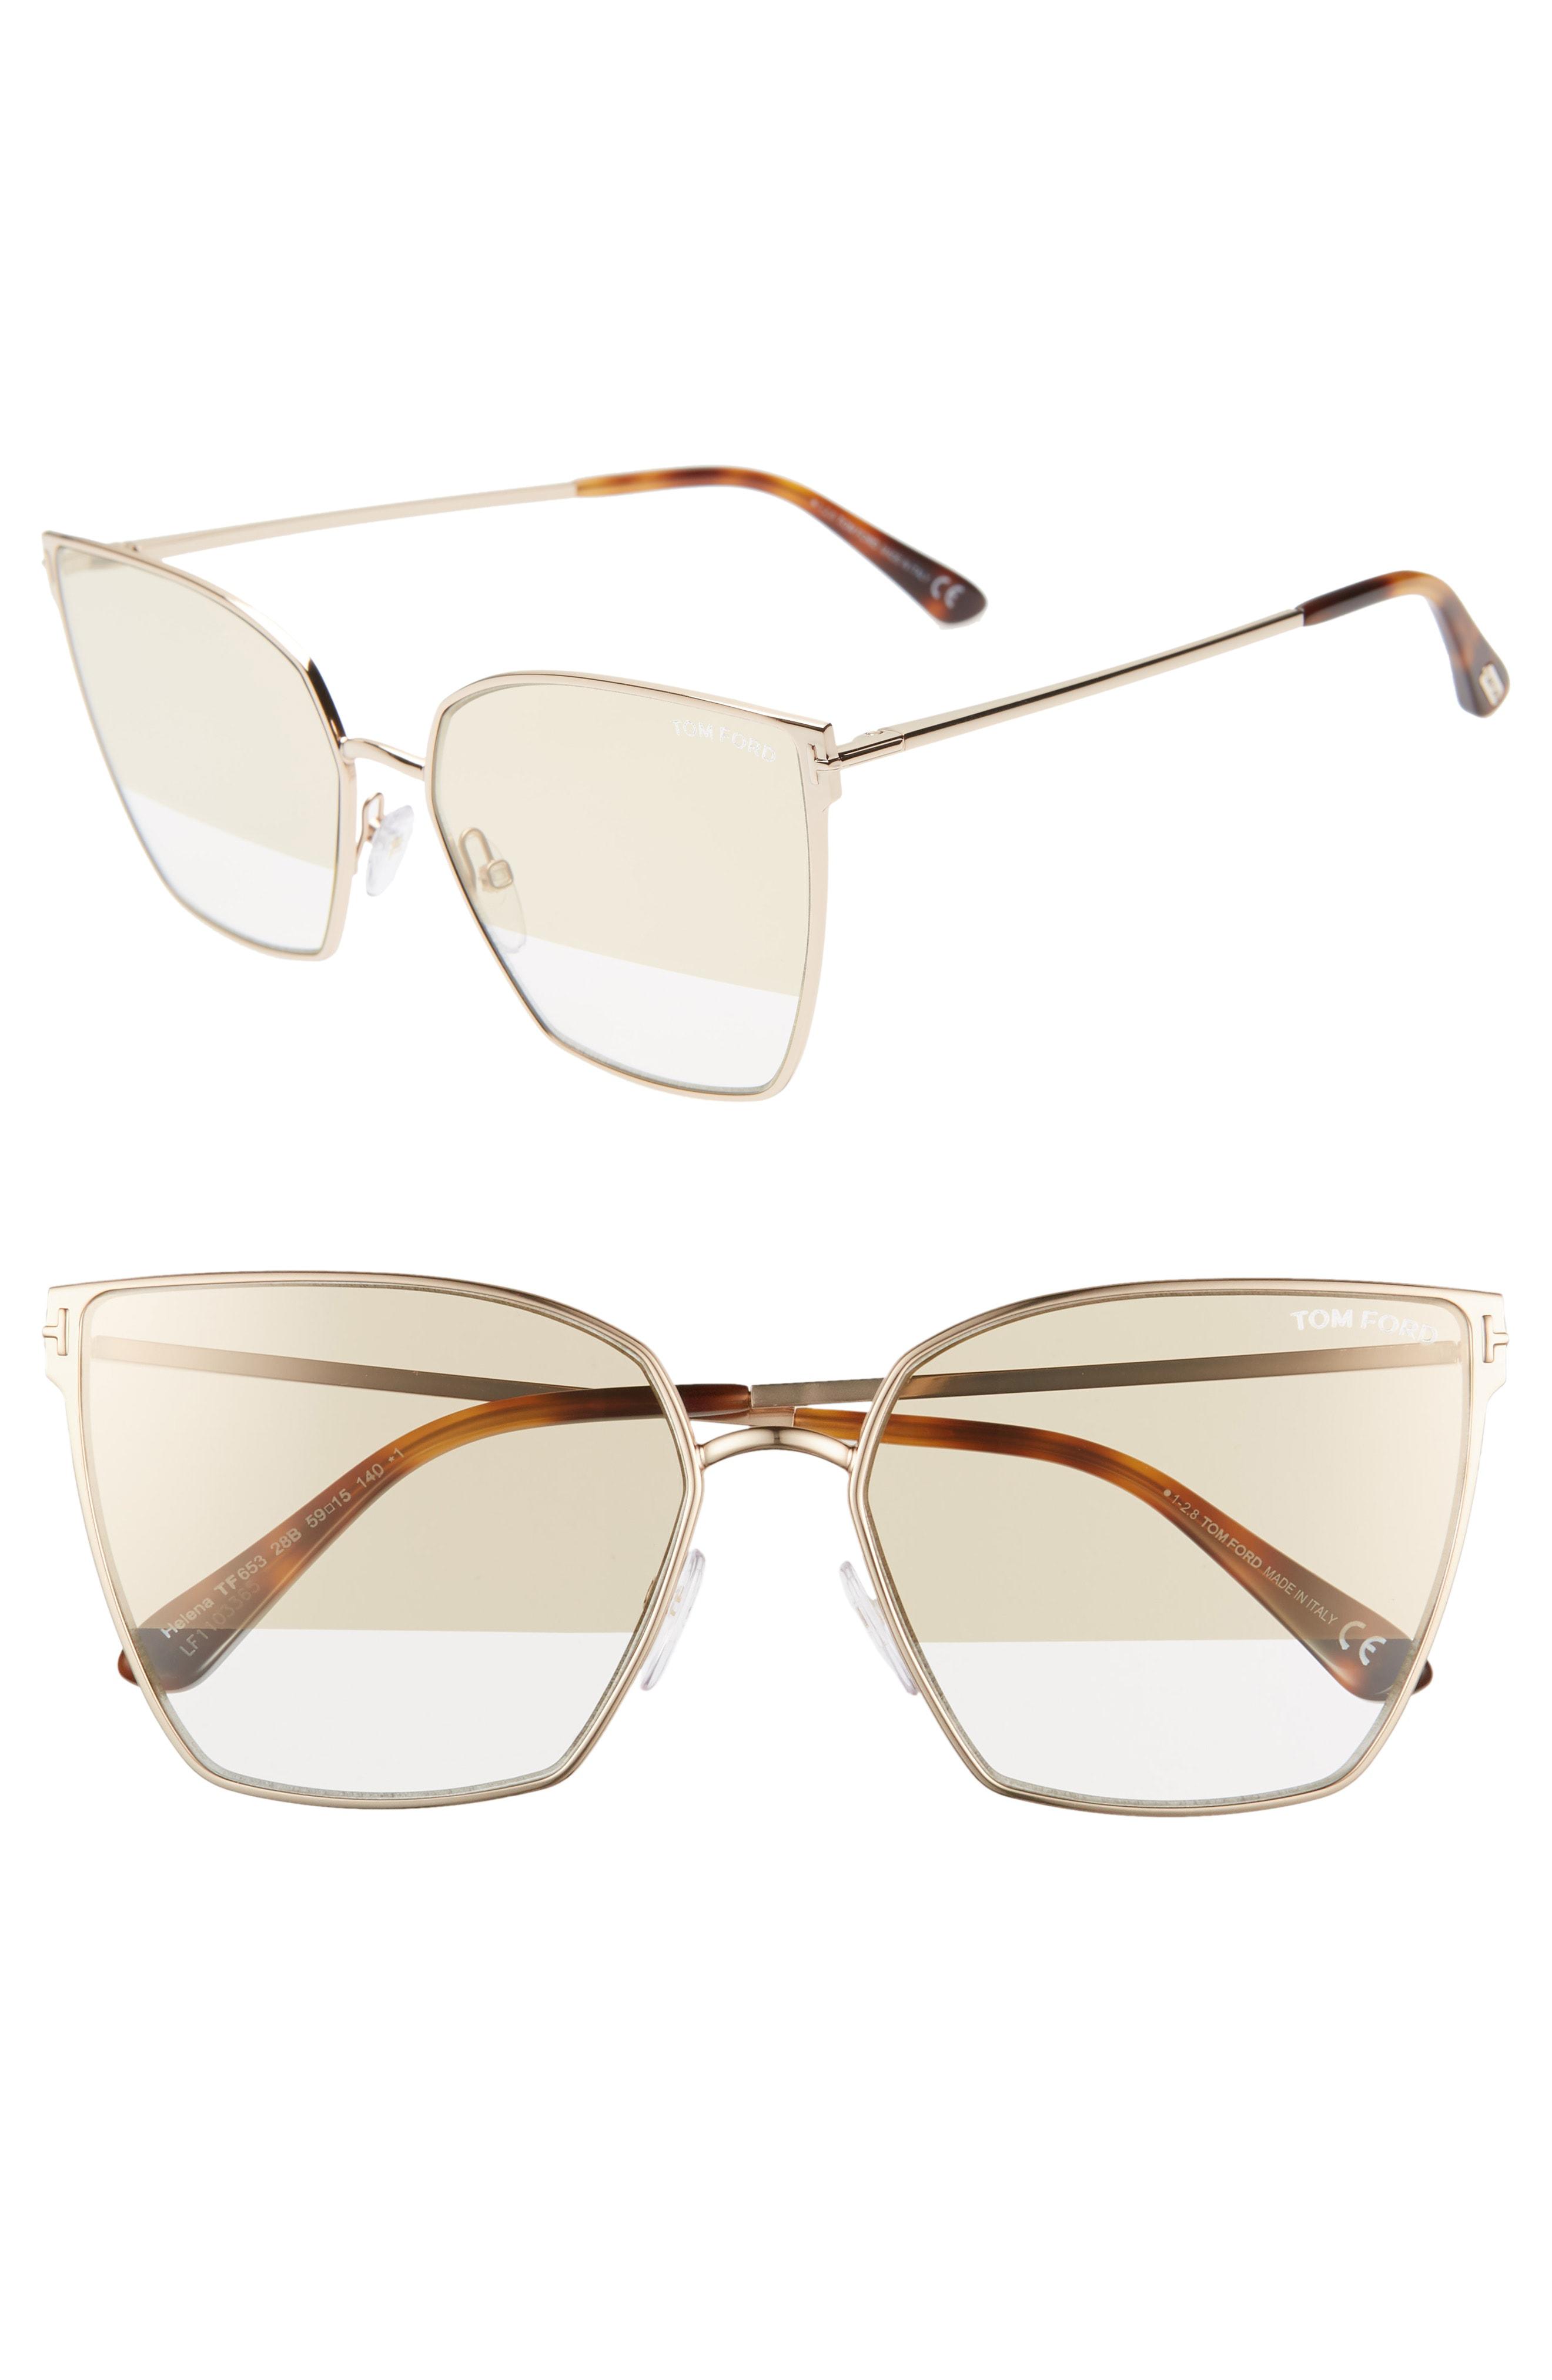 836812e76ae5 Tom Ford Helena 59Mm Cat Eye Sunglasses - Rose Gold  Havana  Smoke  Gold